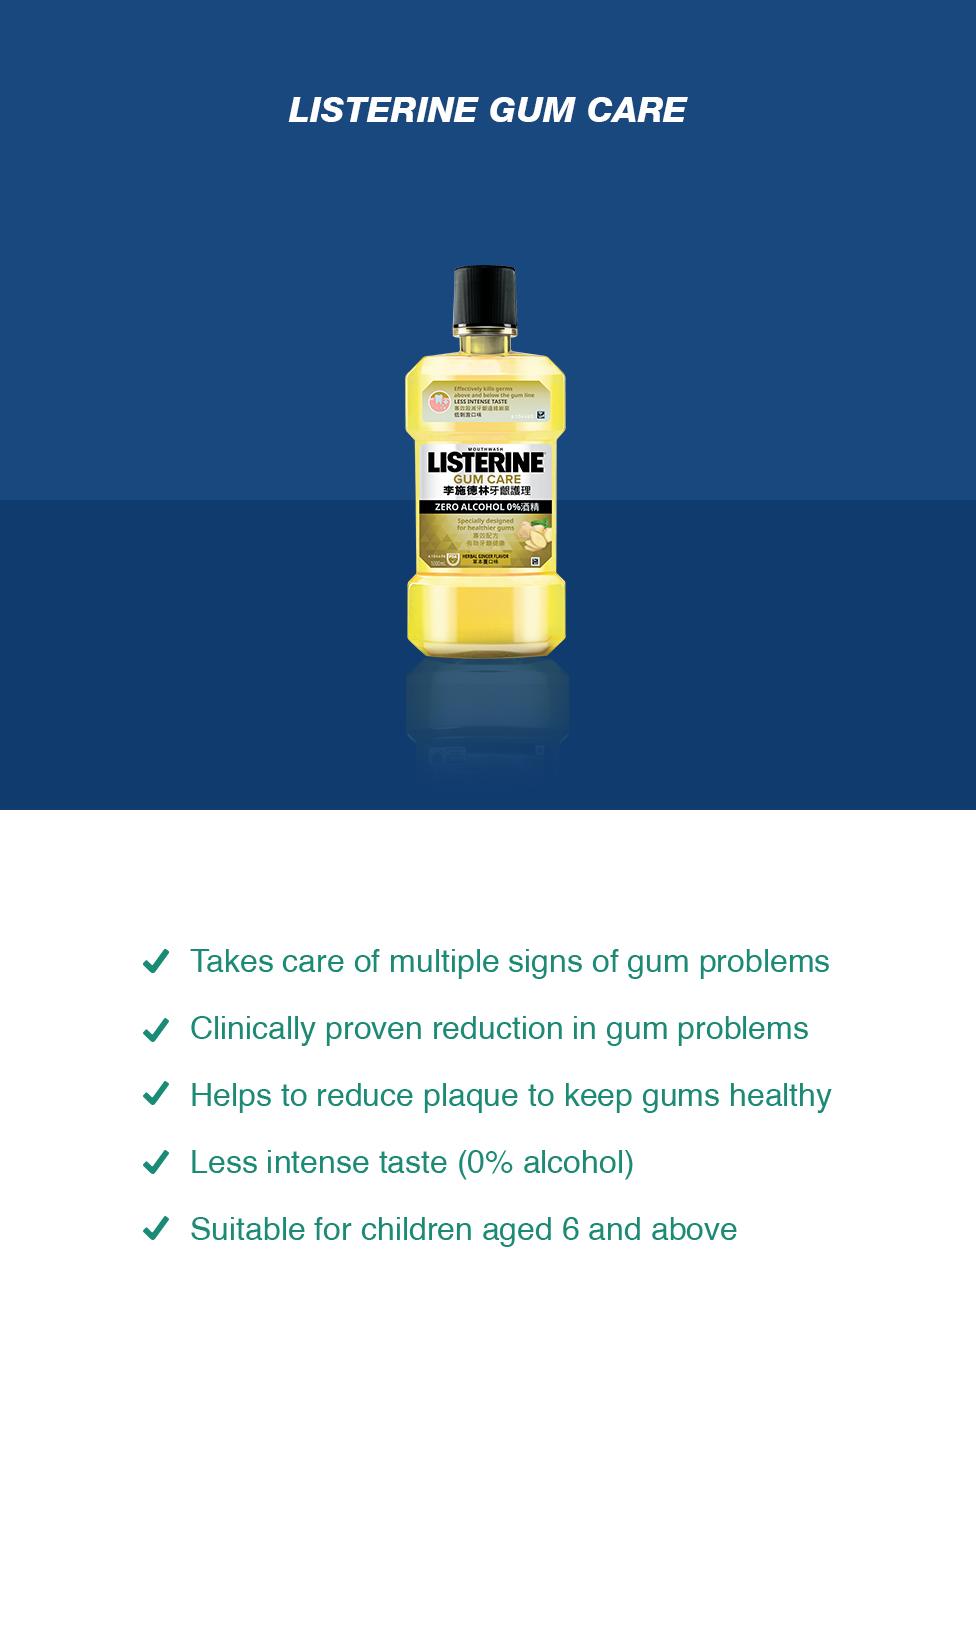 gum-care-2.jpg